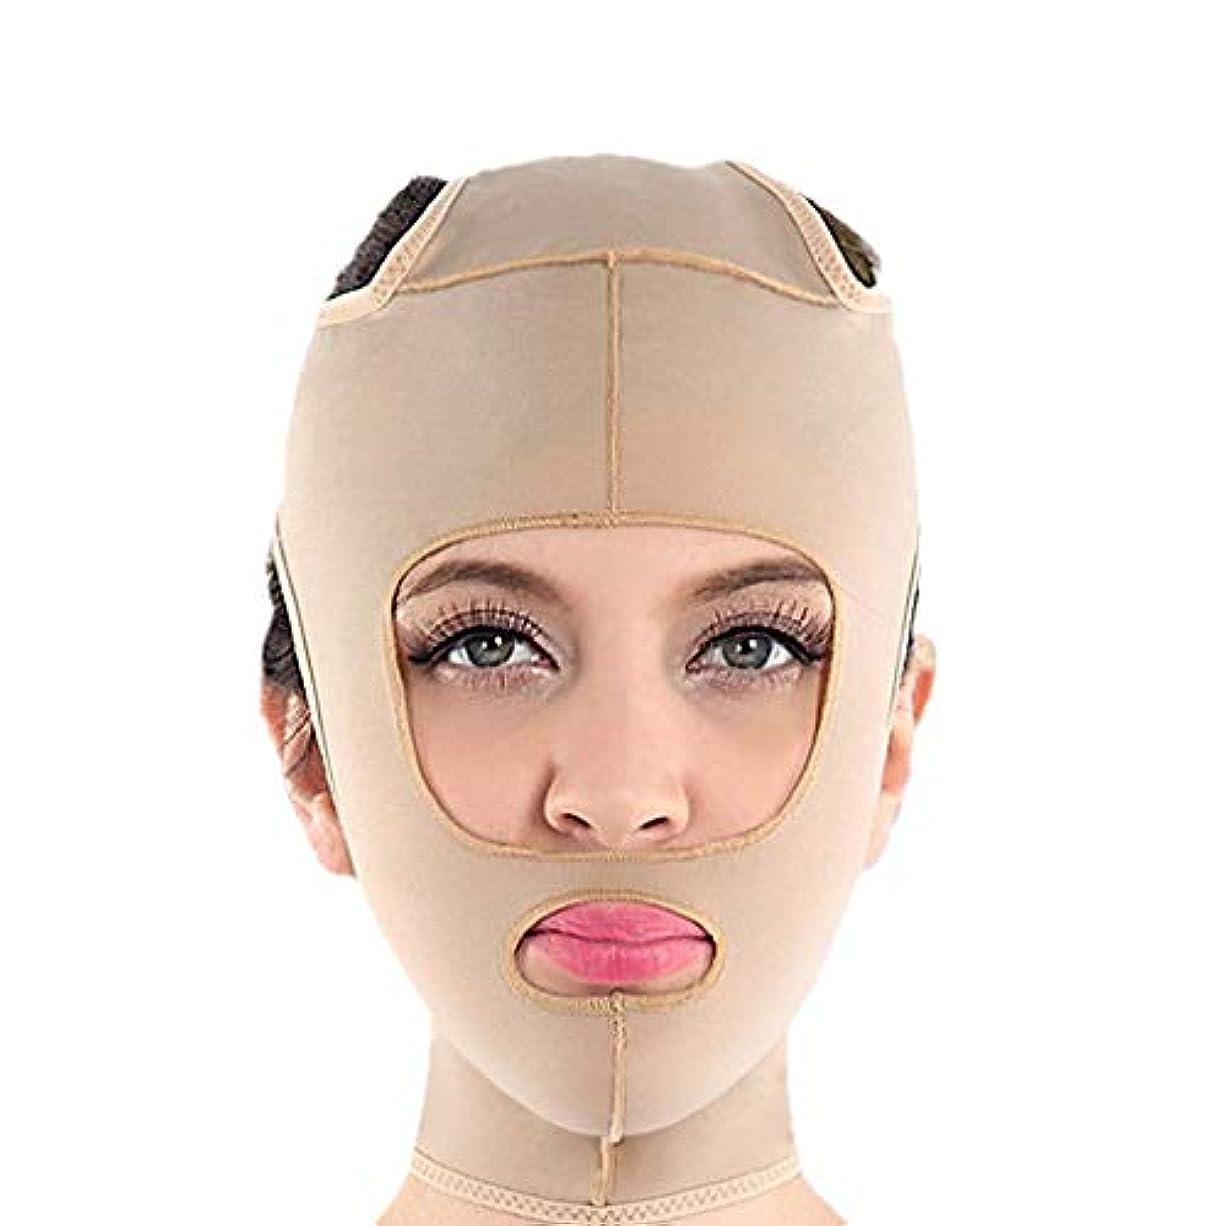 粘性の洗練拷問フェイスリフティング、ダブルチンストラップ、フェイシャル減量マスク、ダブルチンを減らすリフティングヌードル、ファーミングフェイス、パワフルリフティングマスク(サイズ:M),M